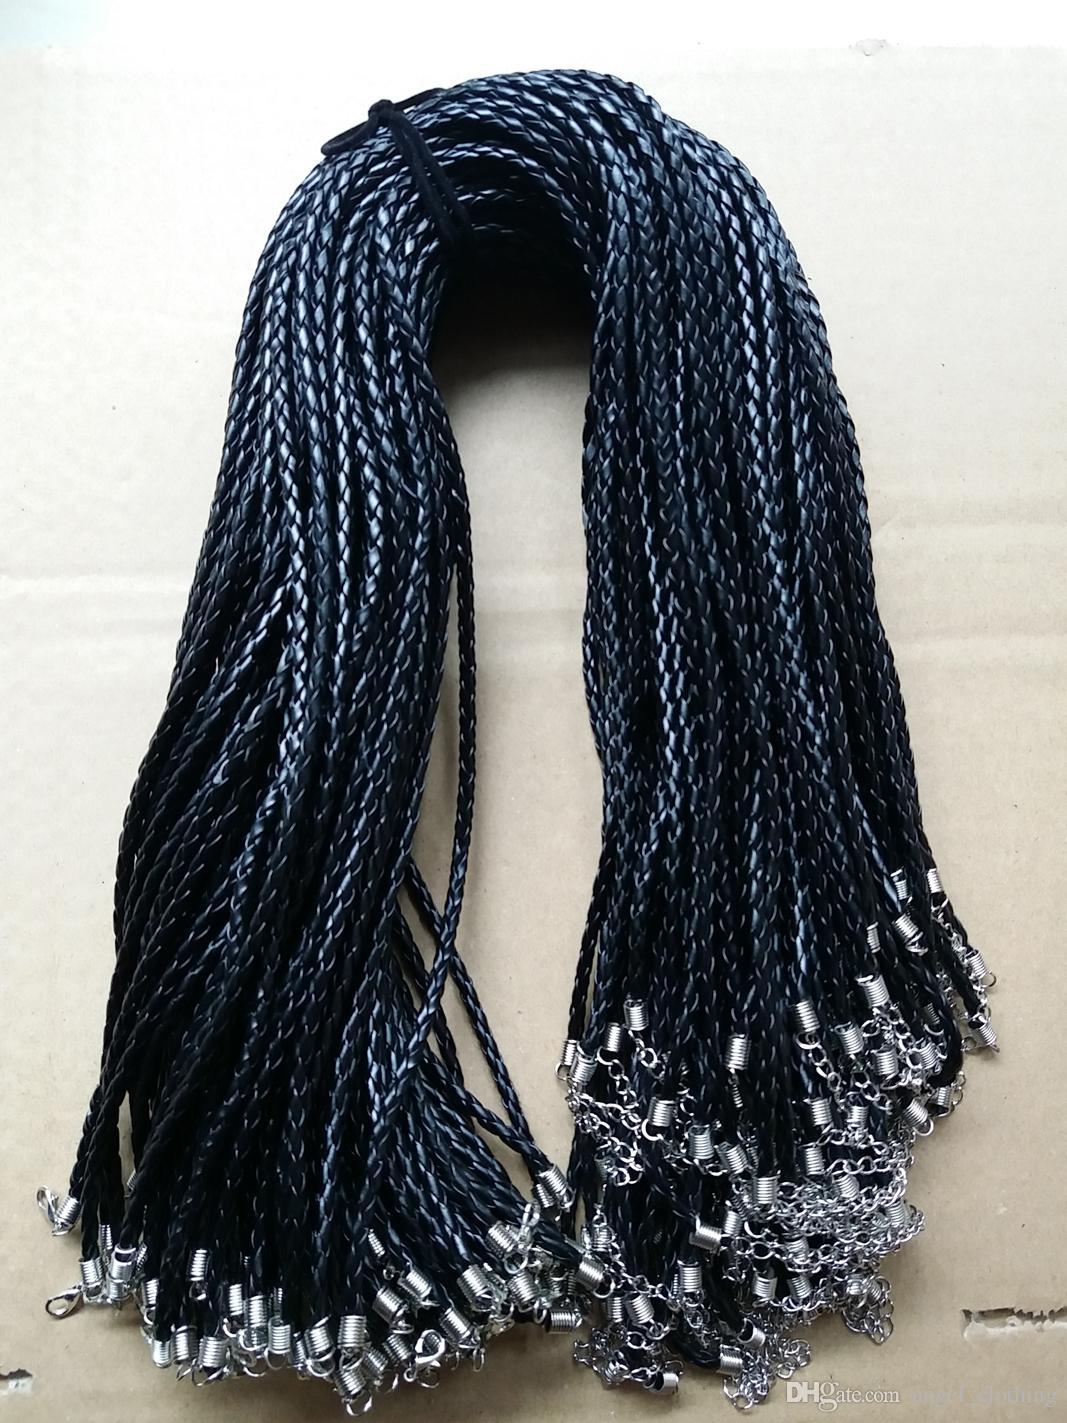 20 '' 22 '' 24' 3 mm Negro PU cuero trenzado de cuerda Cuerda Collar trenza con cierre de langosta para la joyería DIY Neckalce colgante de la joyería del arte